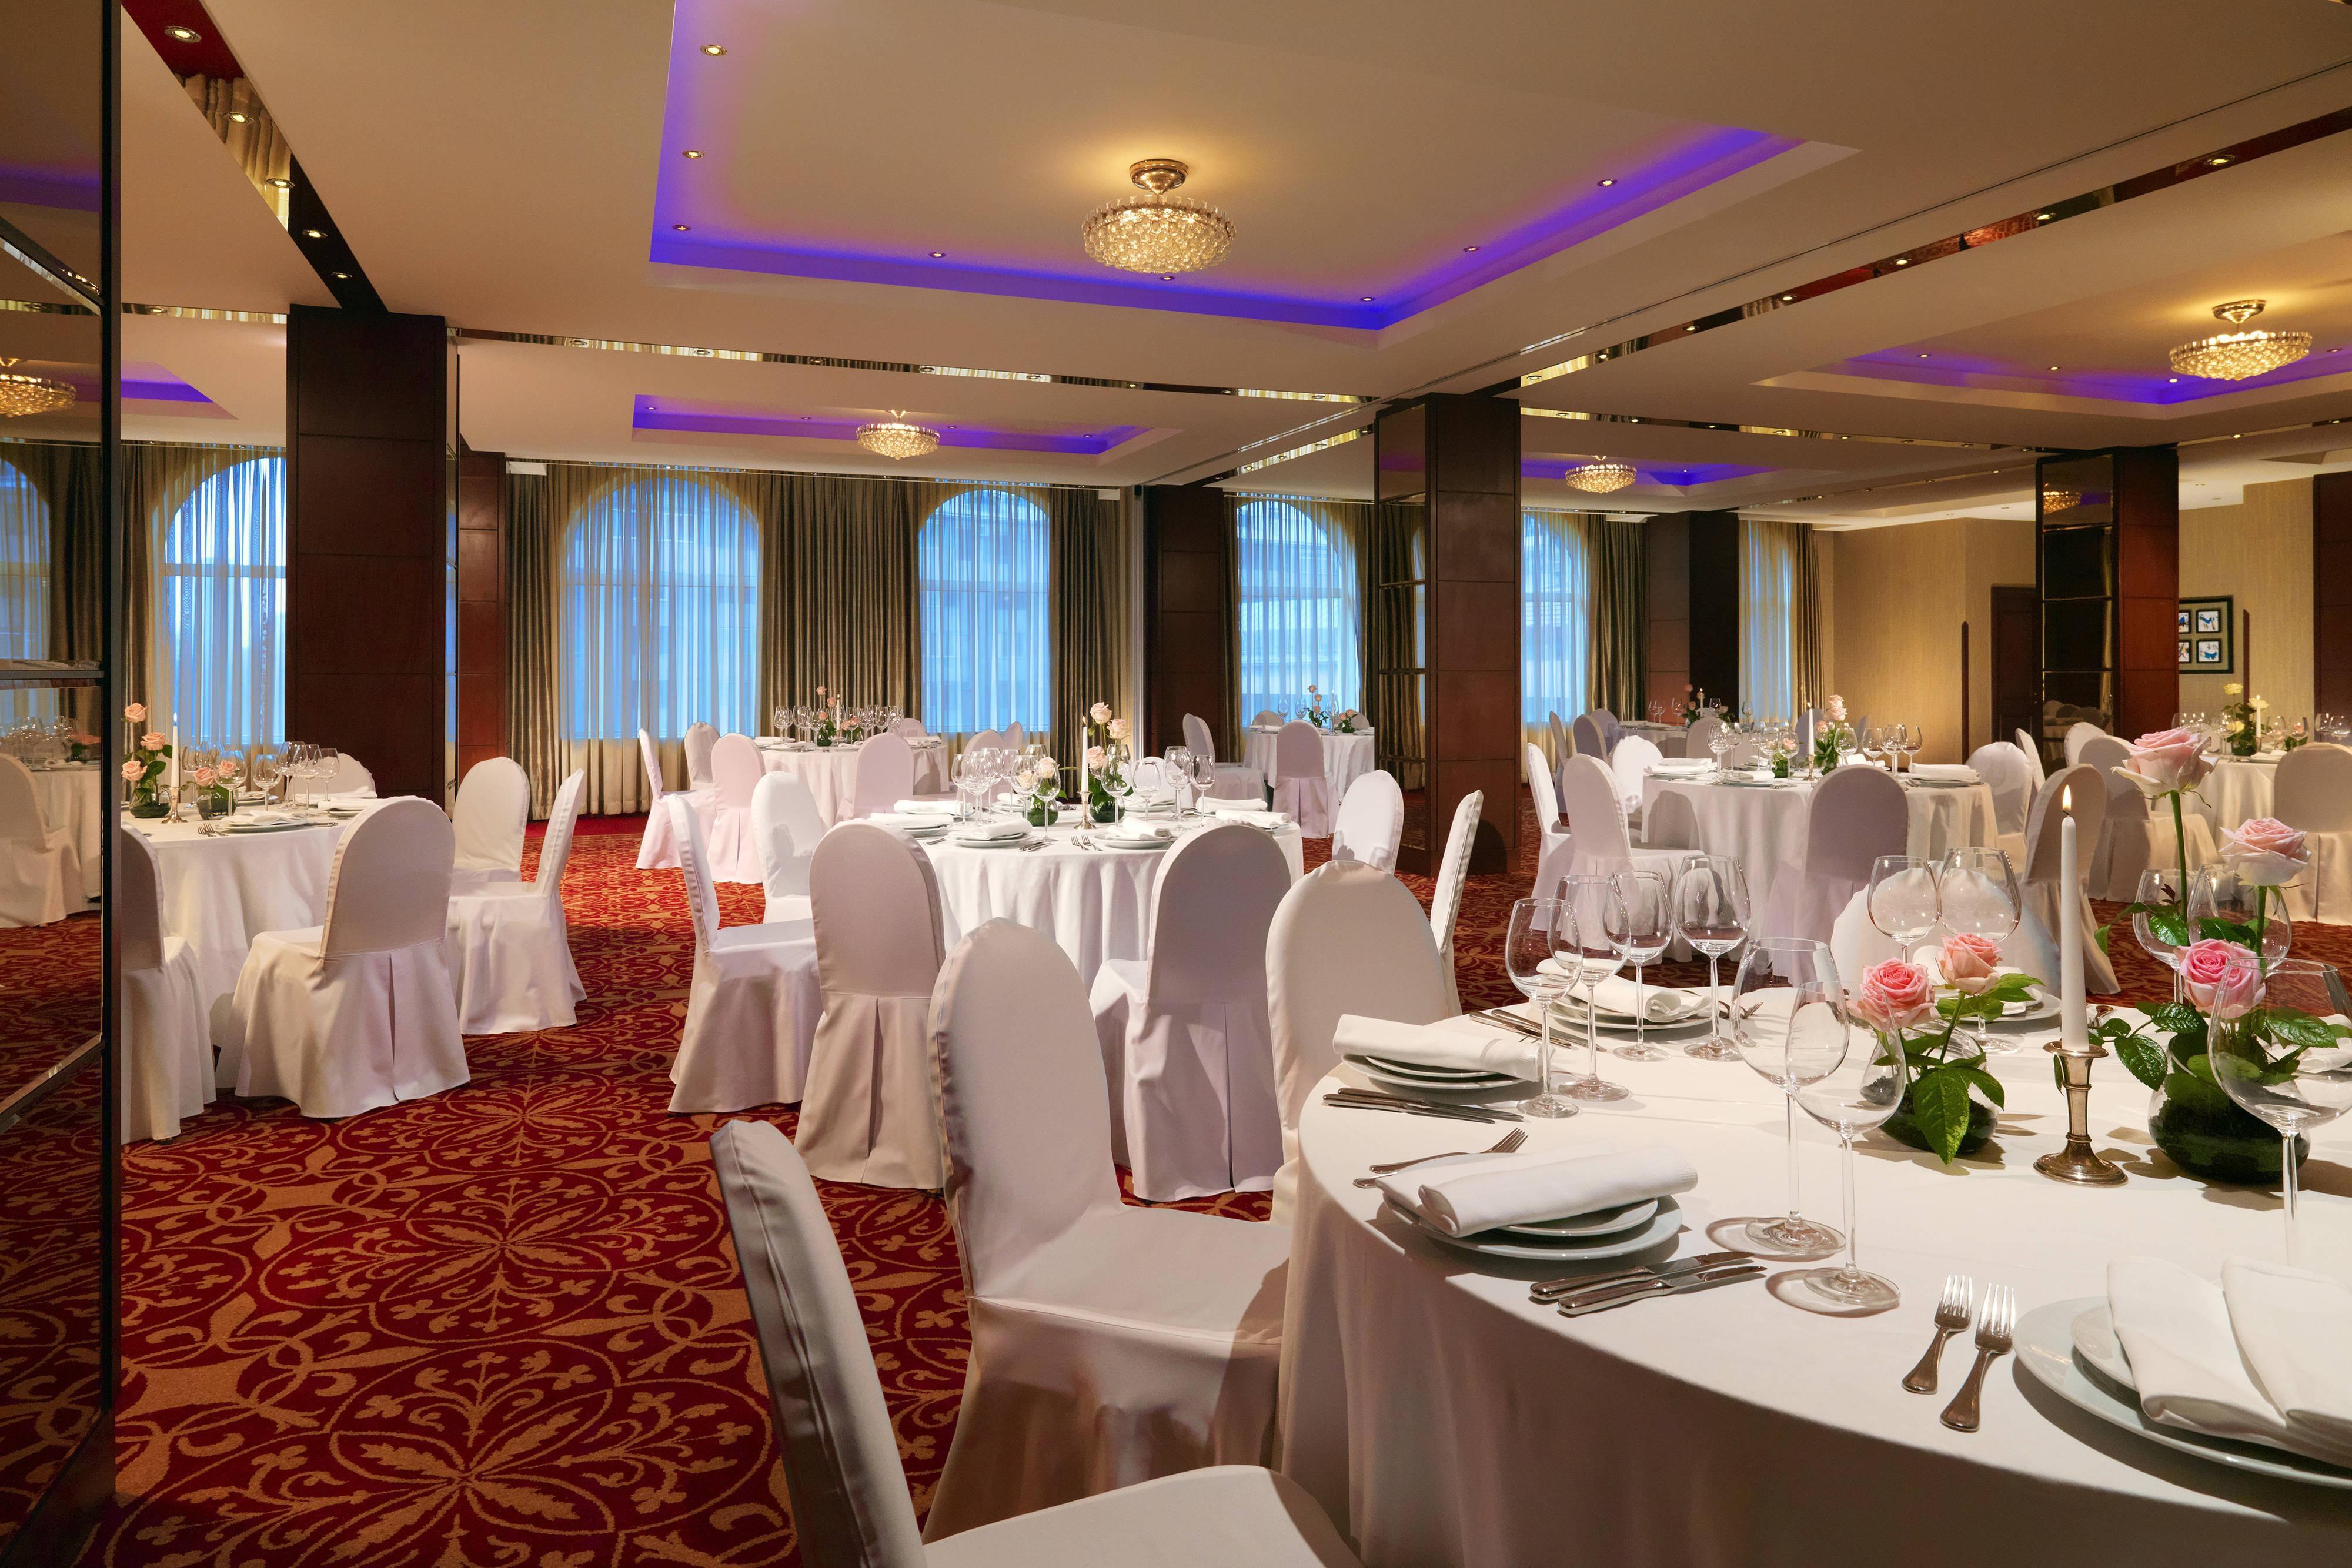 Boda en el Marriott Hotel Yerevan